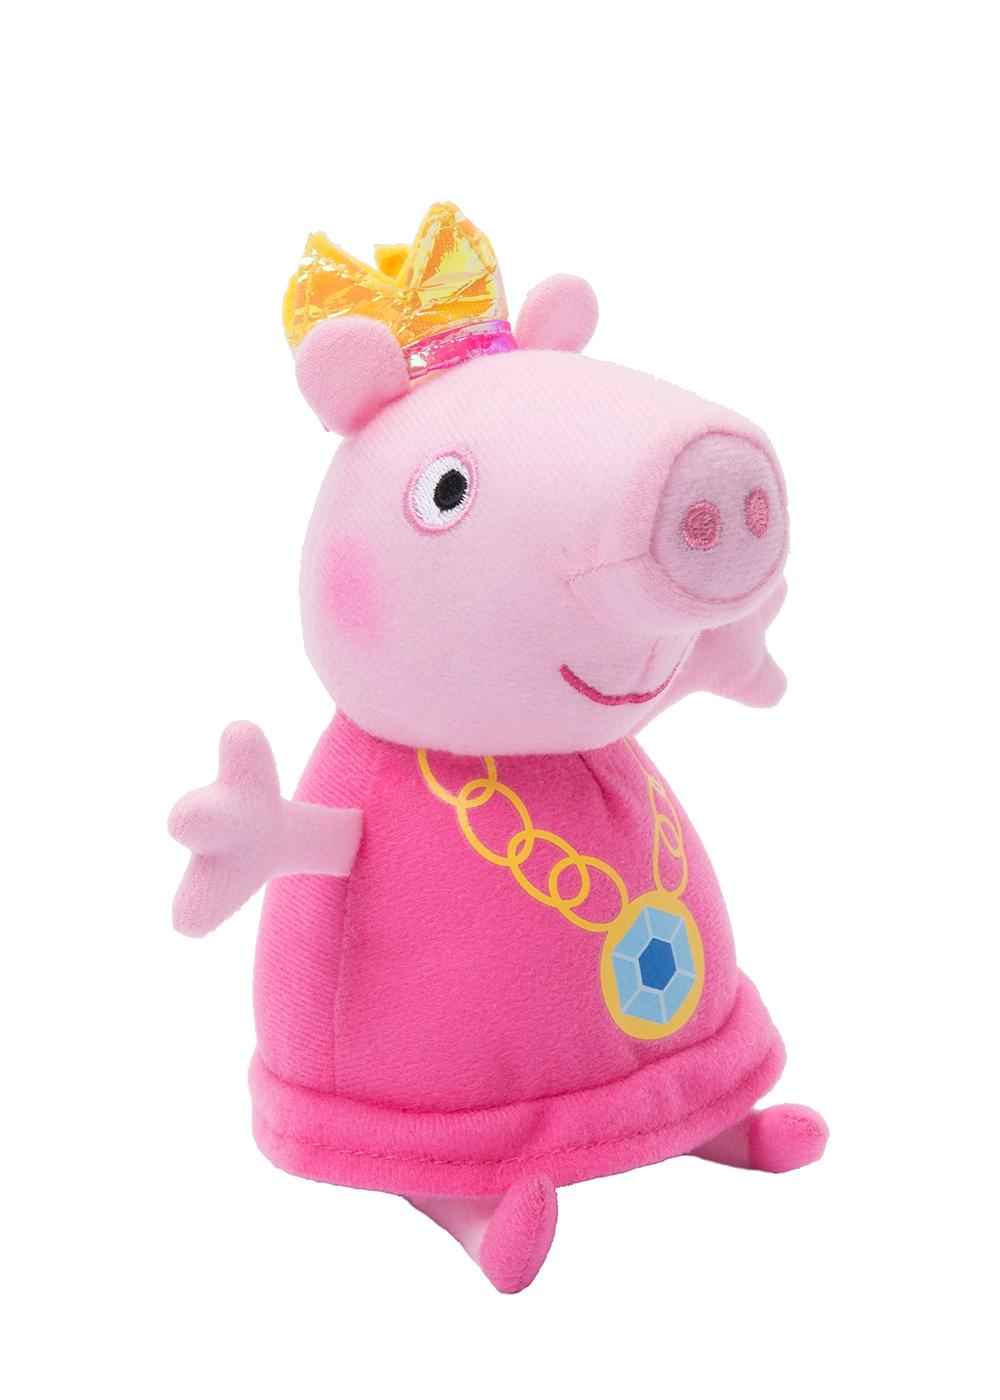 Купить Peppa Pig, Пеппа-принцесса 20 см, Китай, pink